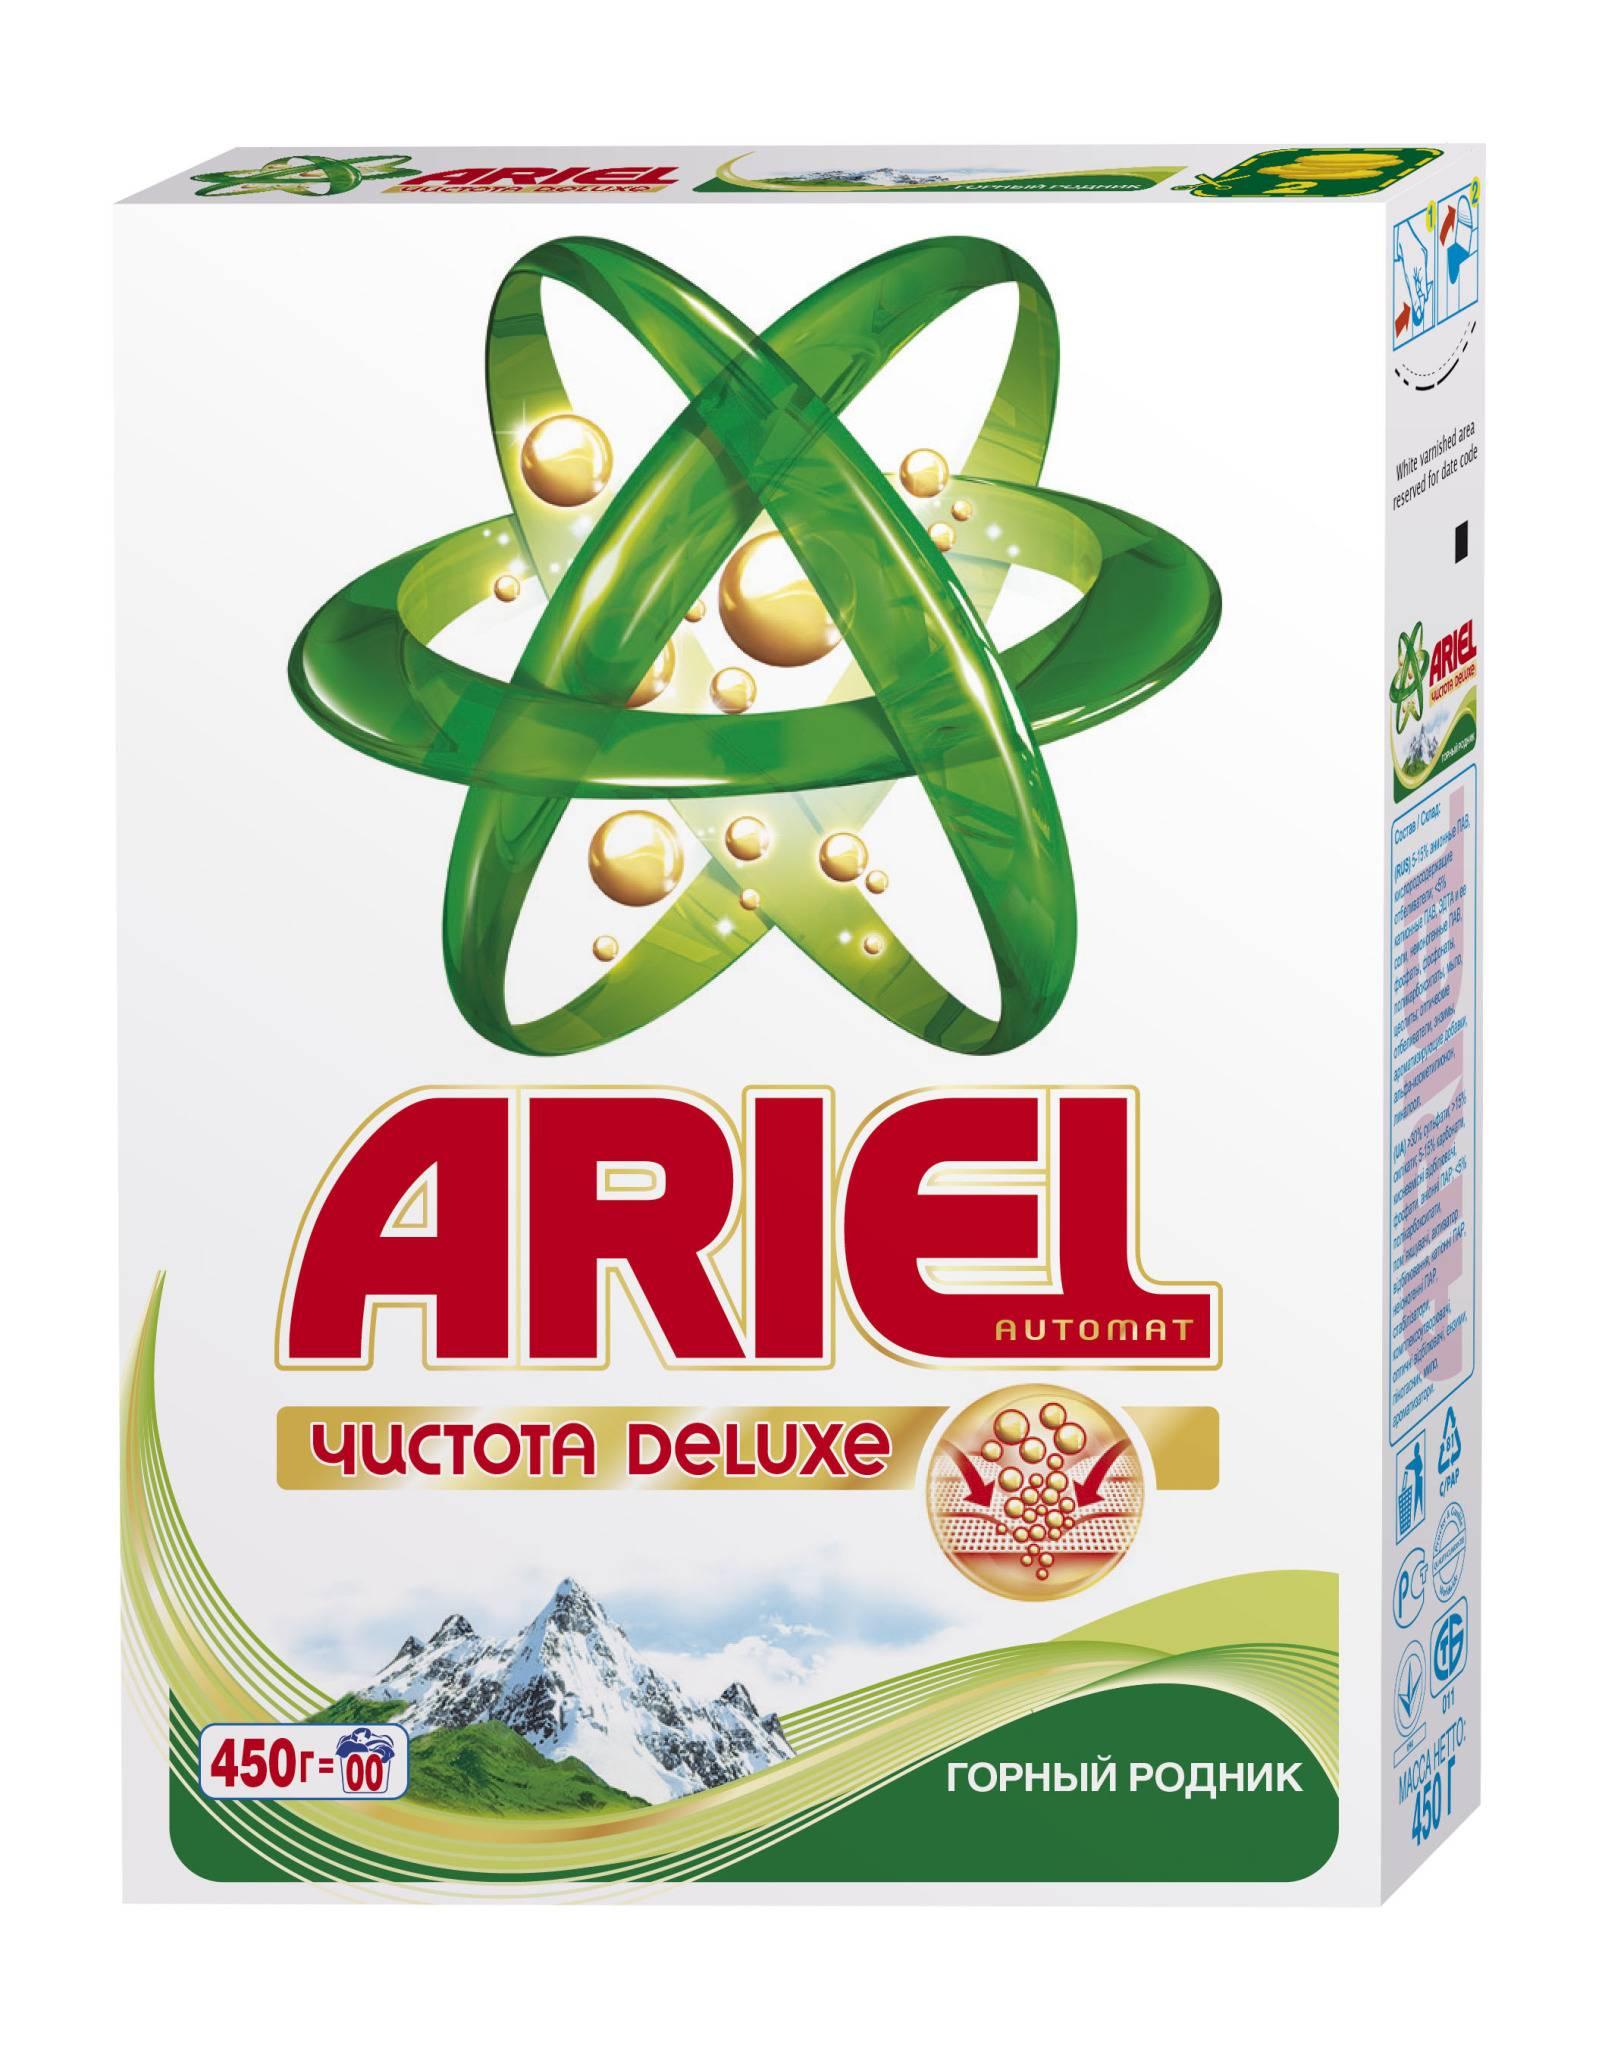 Порошок стиральный автомат ARIEL ассорти 450 г